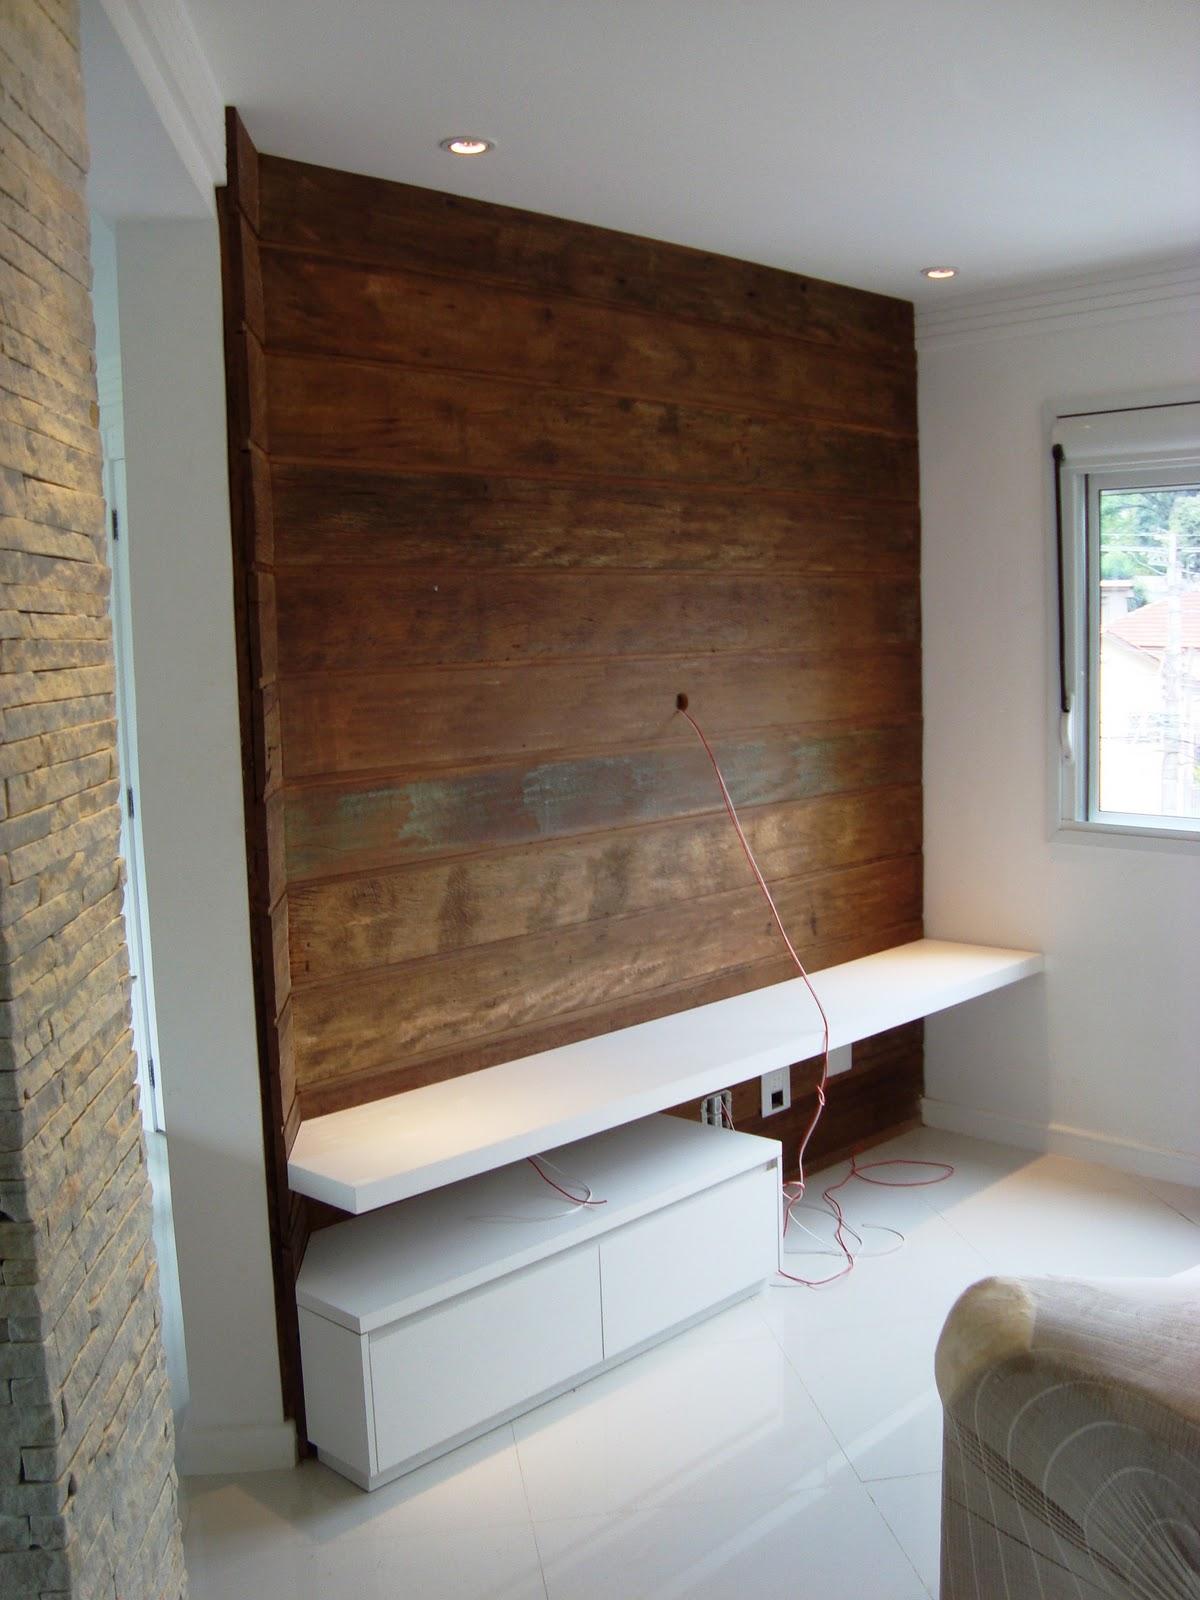 madeira de demolição peroba rosa e prateleira e gaveteiro em MDF #3E271A 1200x1600